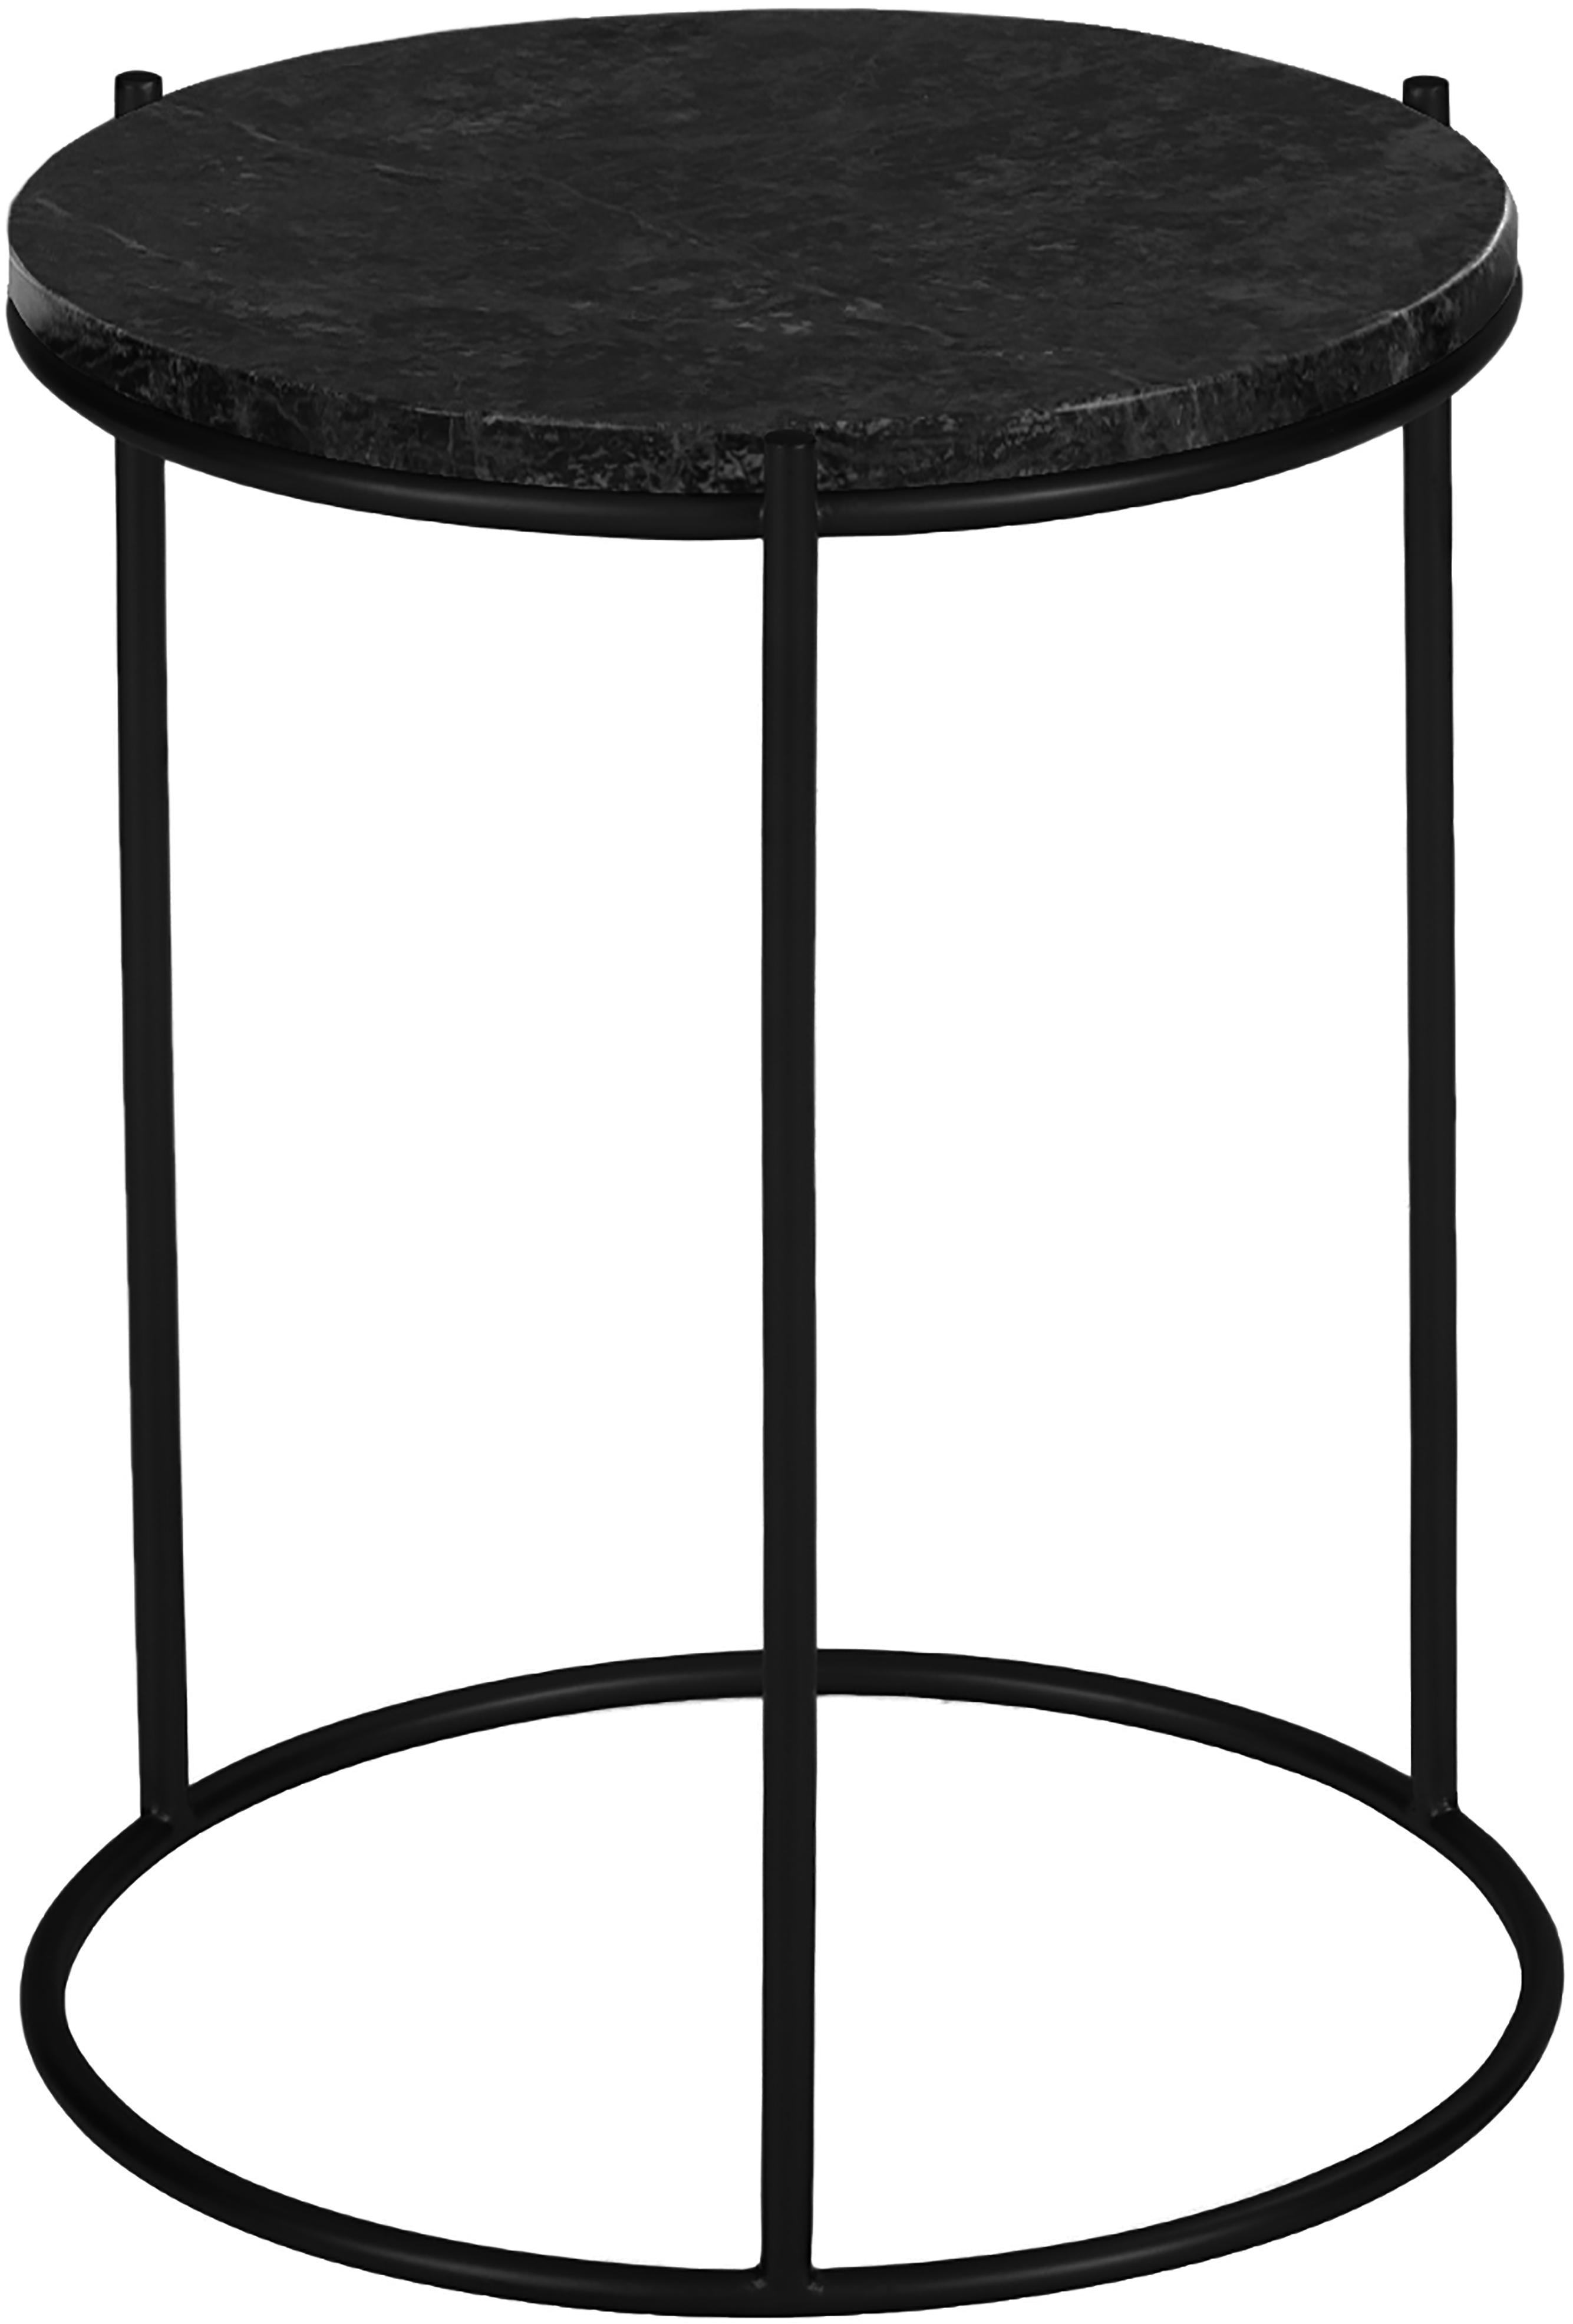 Runder Marmor-Beistelltisch Ella, Tischplatte: Marmor, Gestell: Metall, pulverbeschichtet, Tischplatte: Schwarzer Marmor Gestell: Schwarz, matt, Ø 40 x H 50 cm